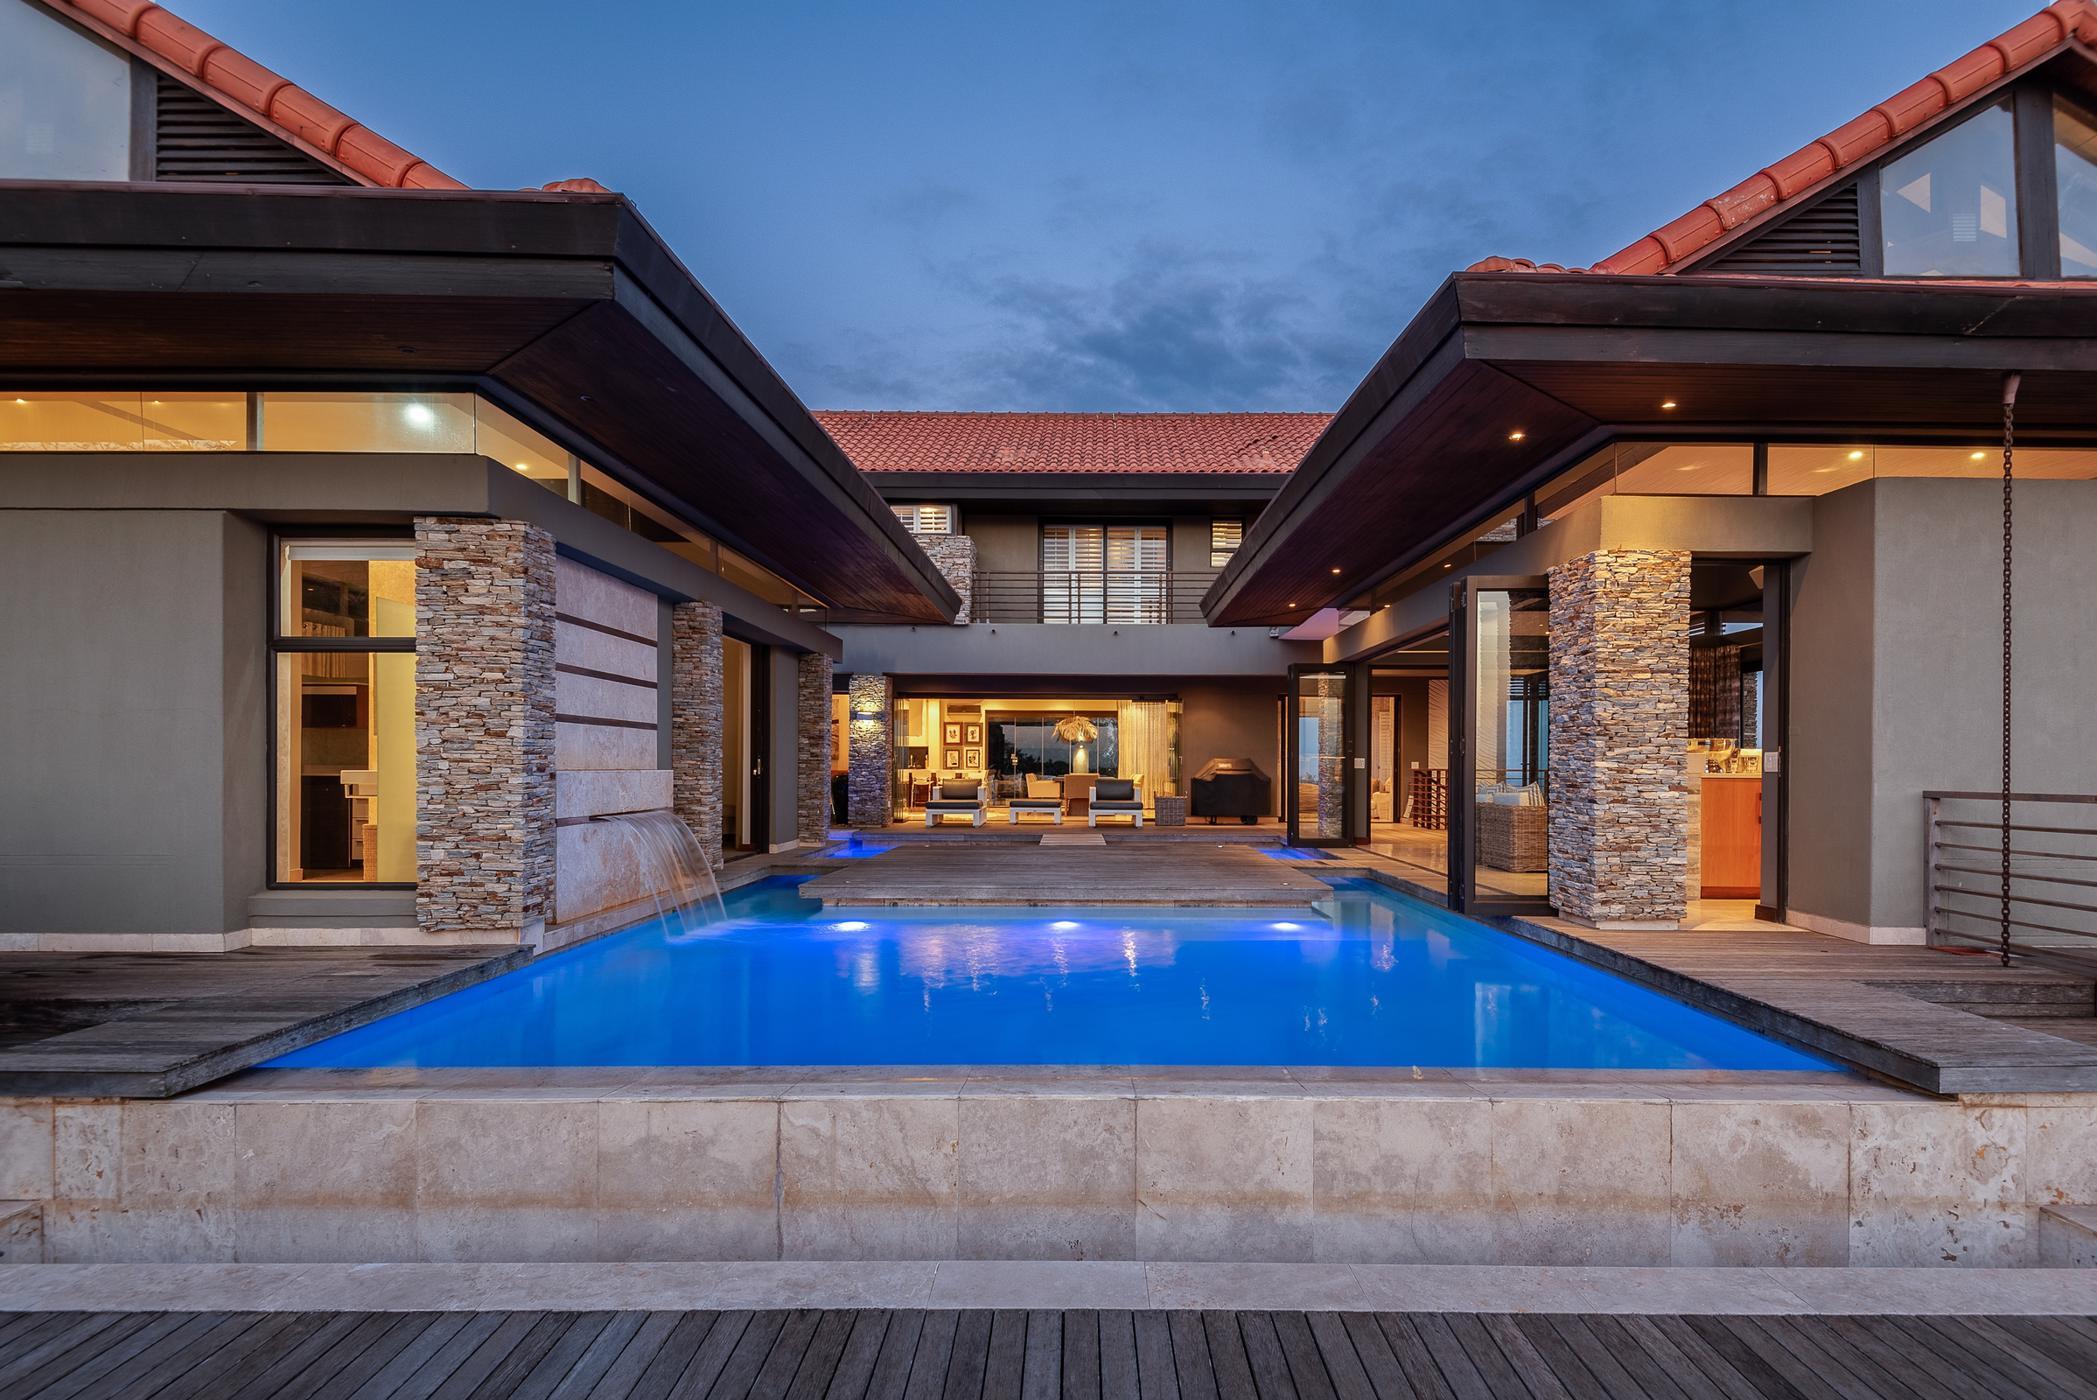 5 Bedroom House For Sale Zimbali Coastal Resort 1bd1448599 Pam Golding Properties